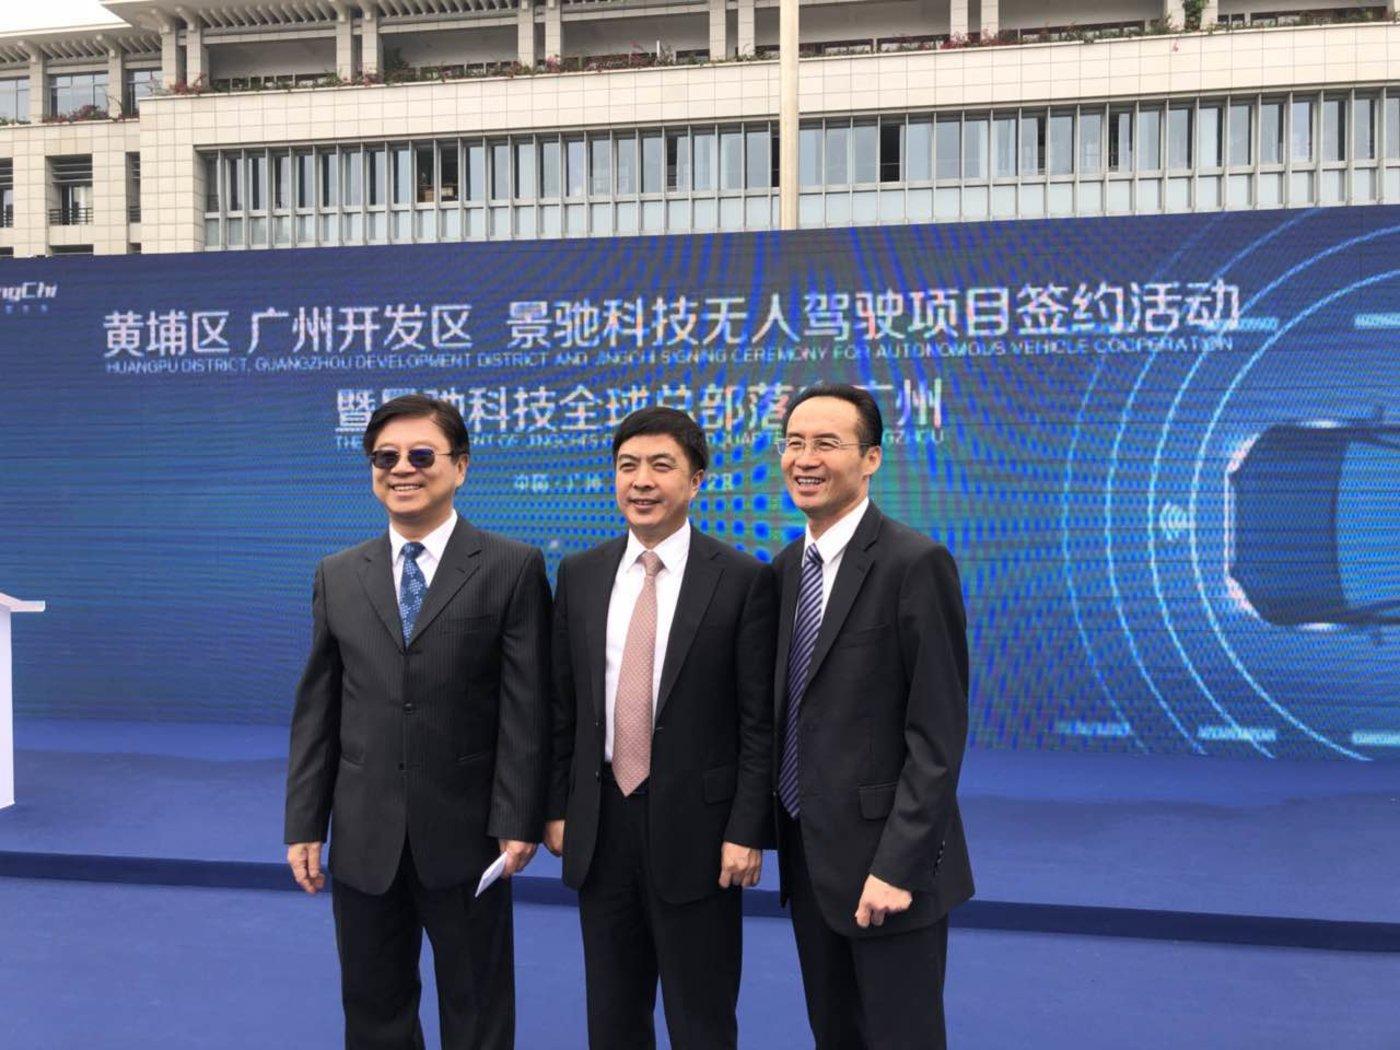 左一为景驰科技创始人兼CEO王劲